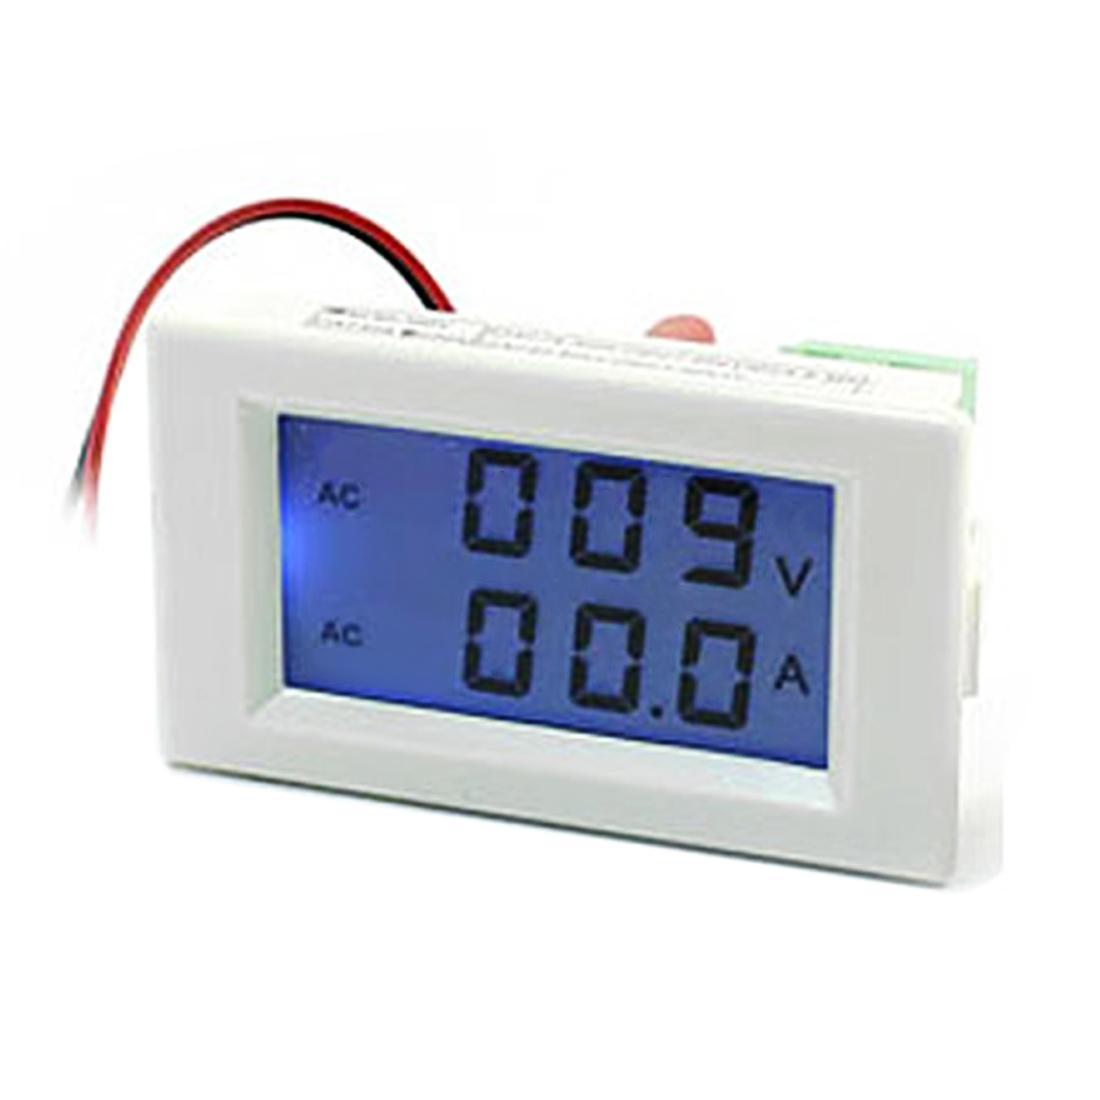 AC 80-300V 100A Type Black LED Digital Display Blue Ammeter Voltmeter